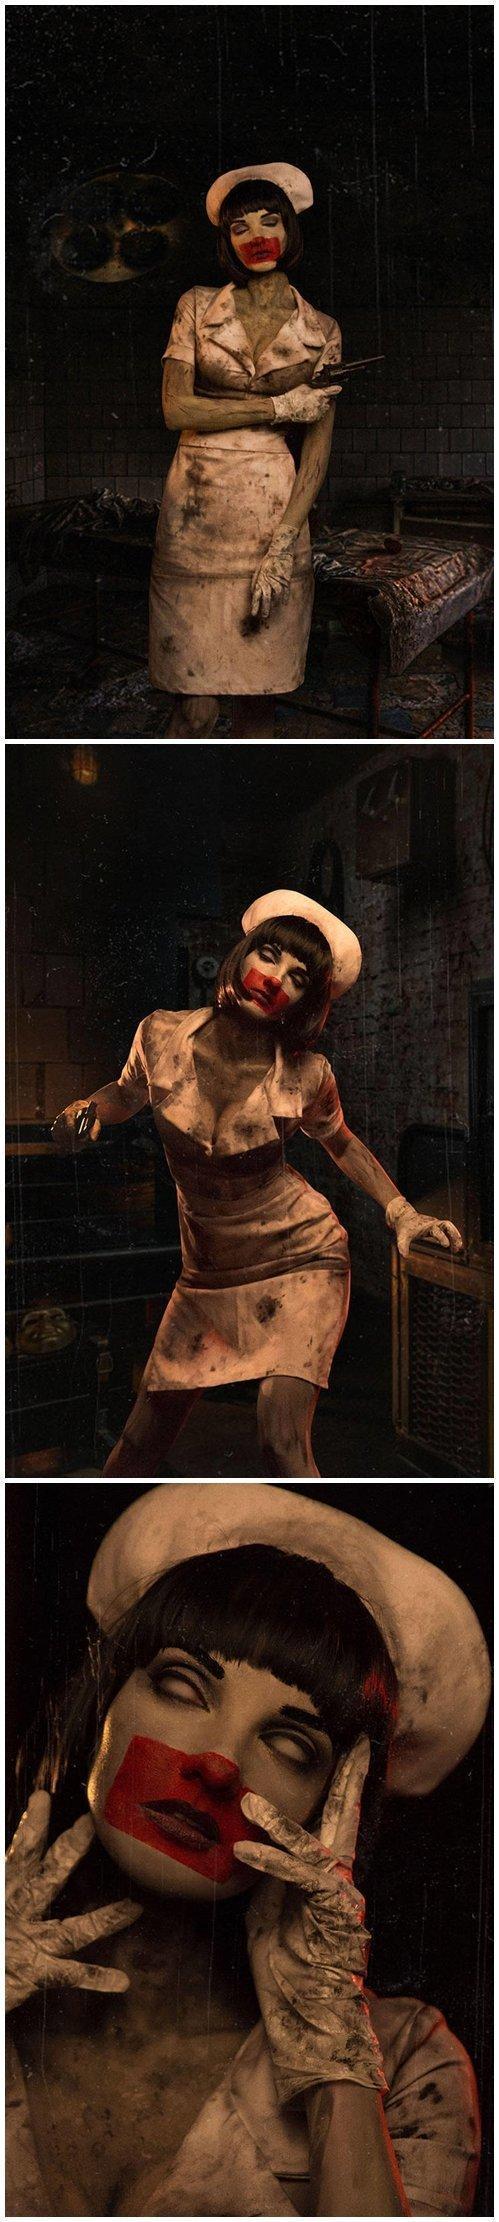 《寂静岭》女护士Cos美图欣赏 面目狰狞身材性感!